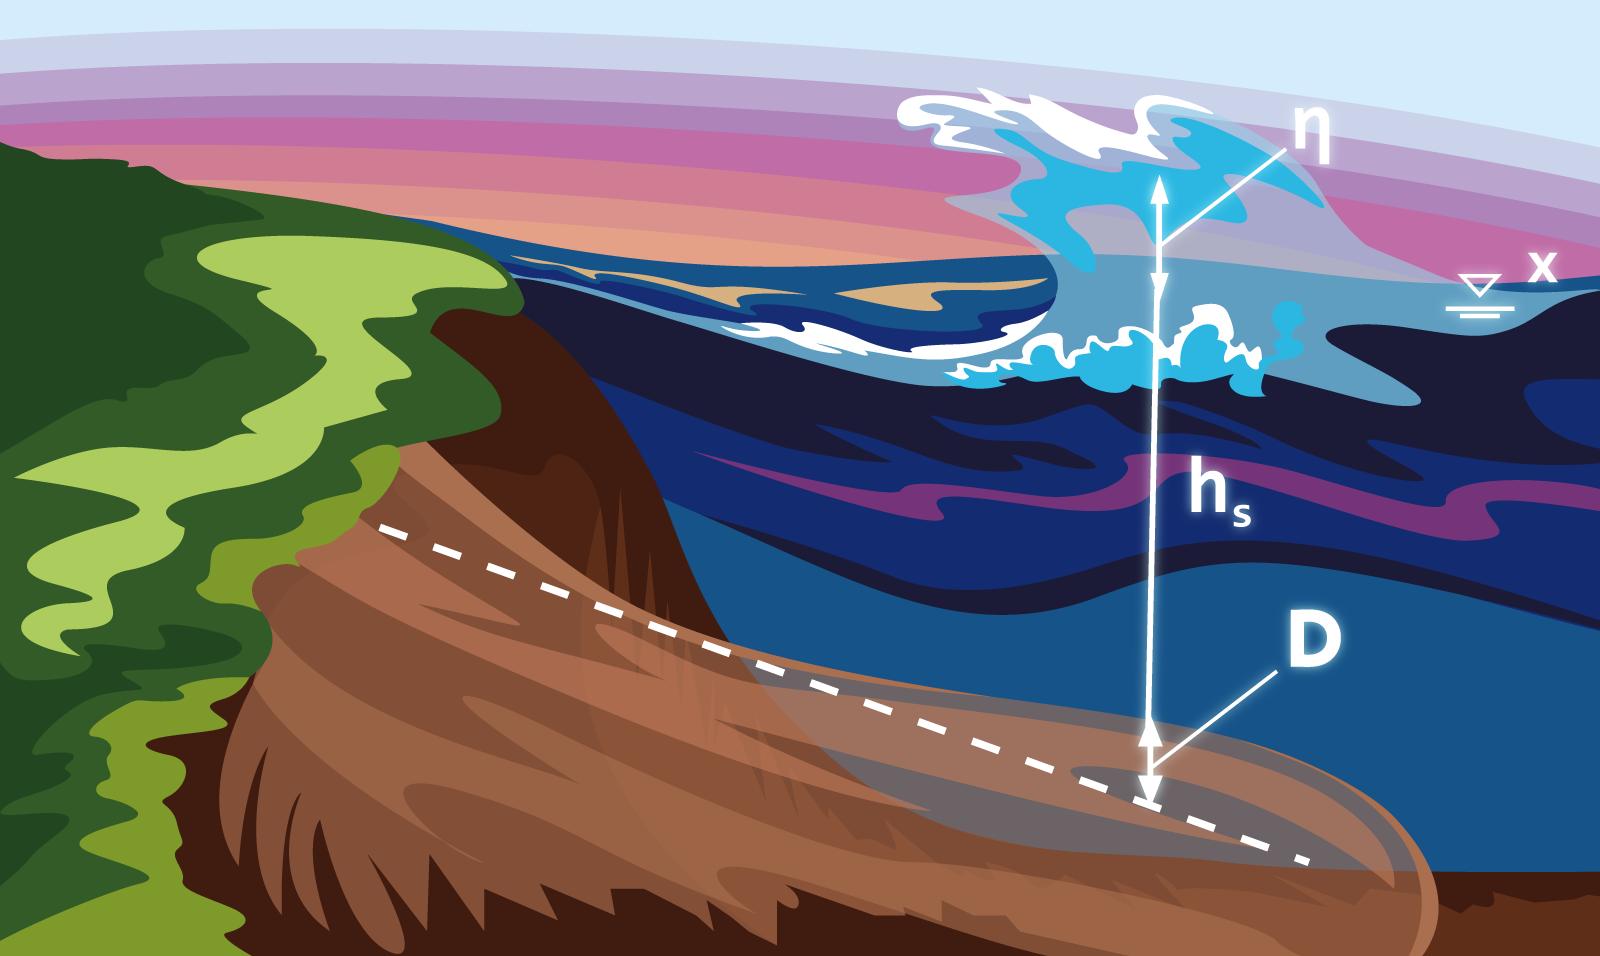 Учёные уточнили модель оползней, способных порождать цунами